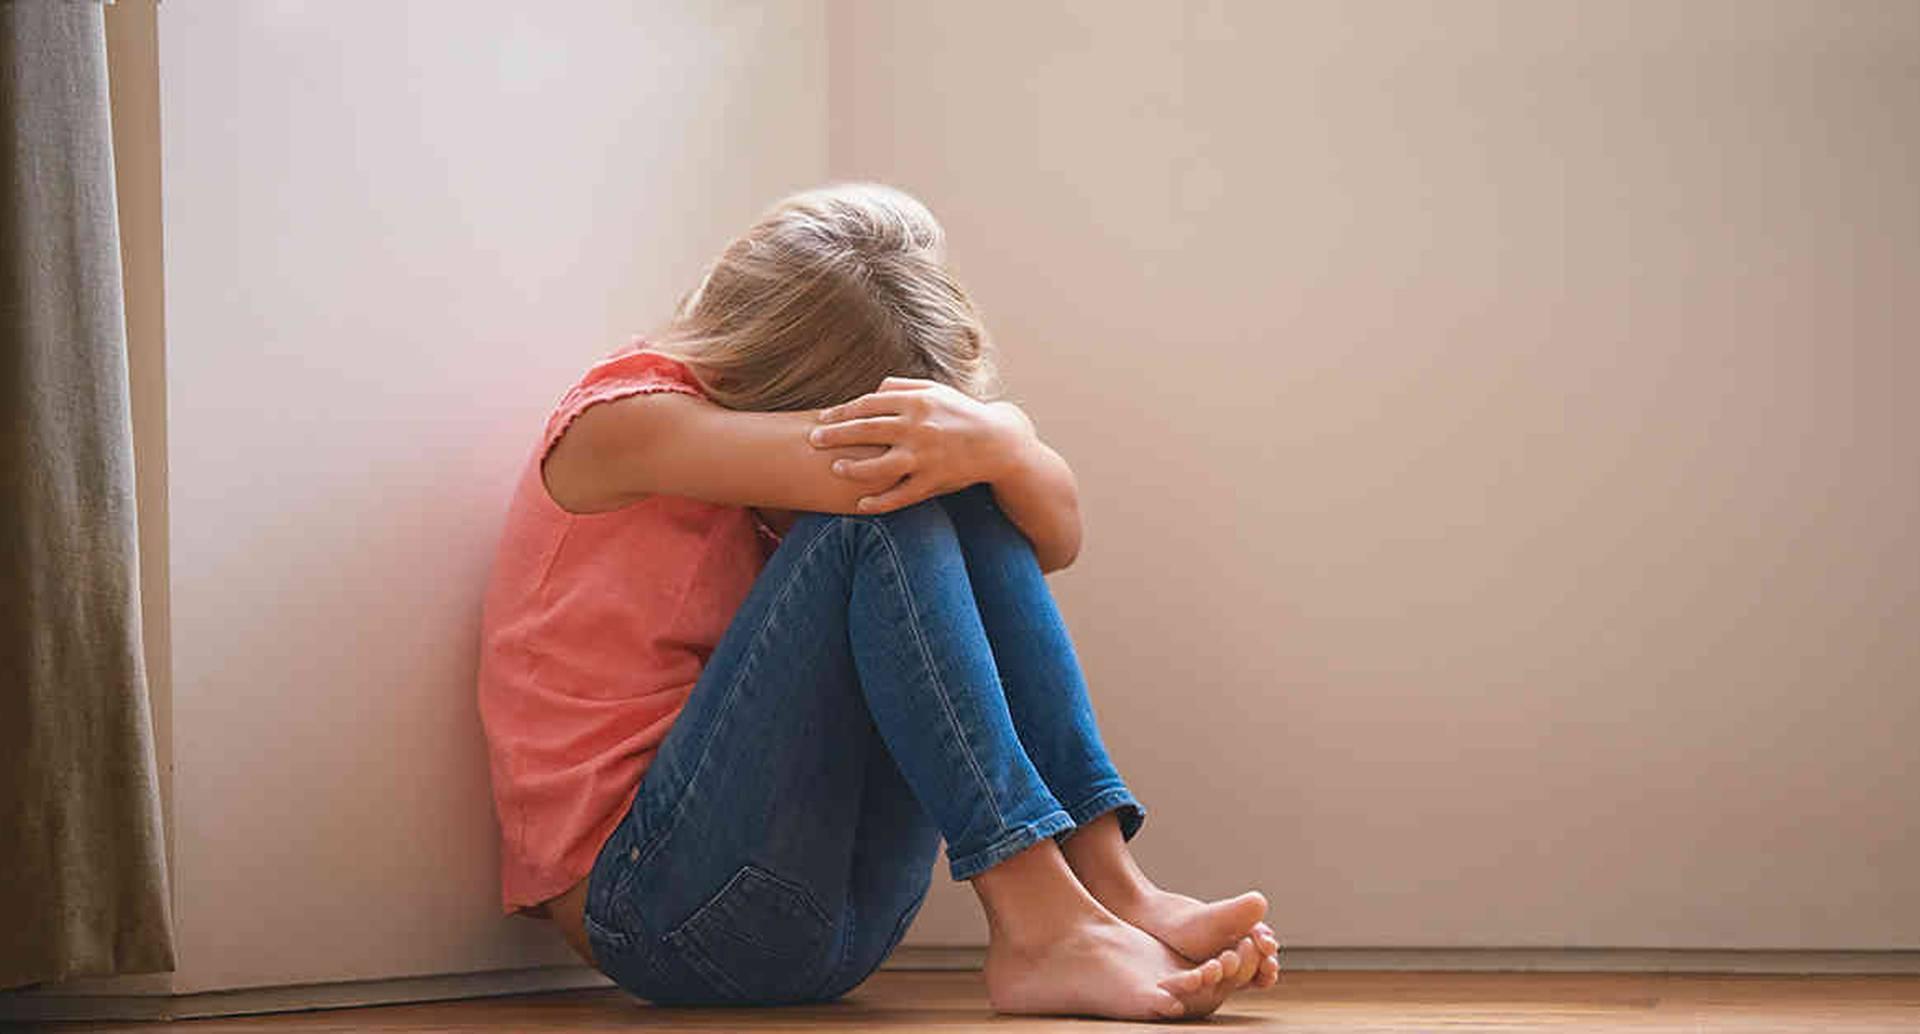 Judicializan a pareja por presuntamente incitar a la prostitución a menores/Foto: archivo SEMANA